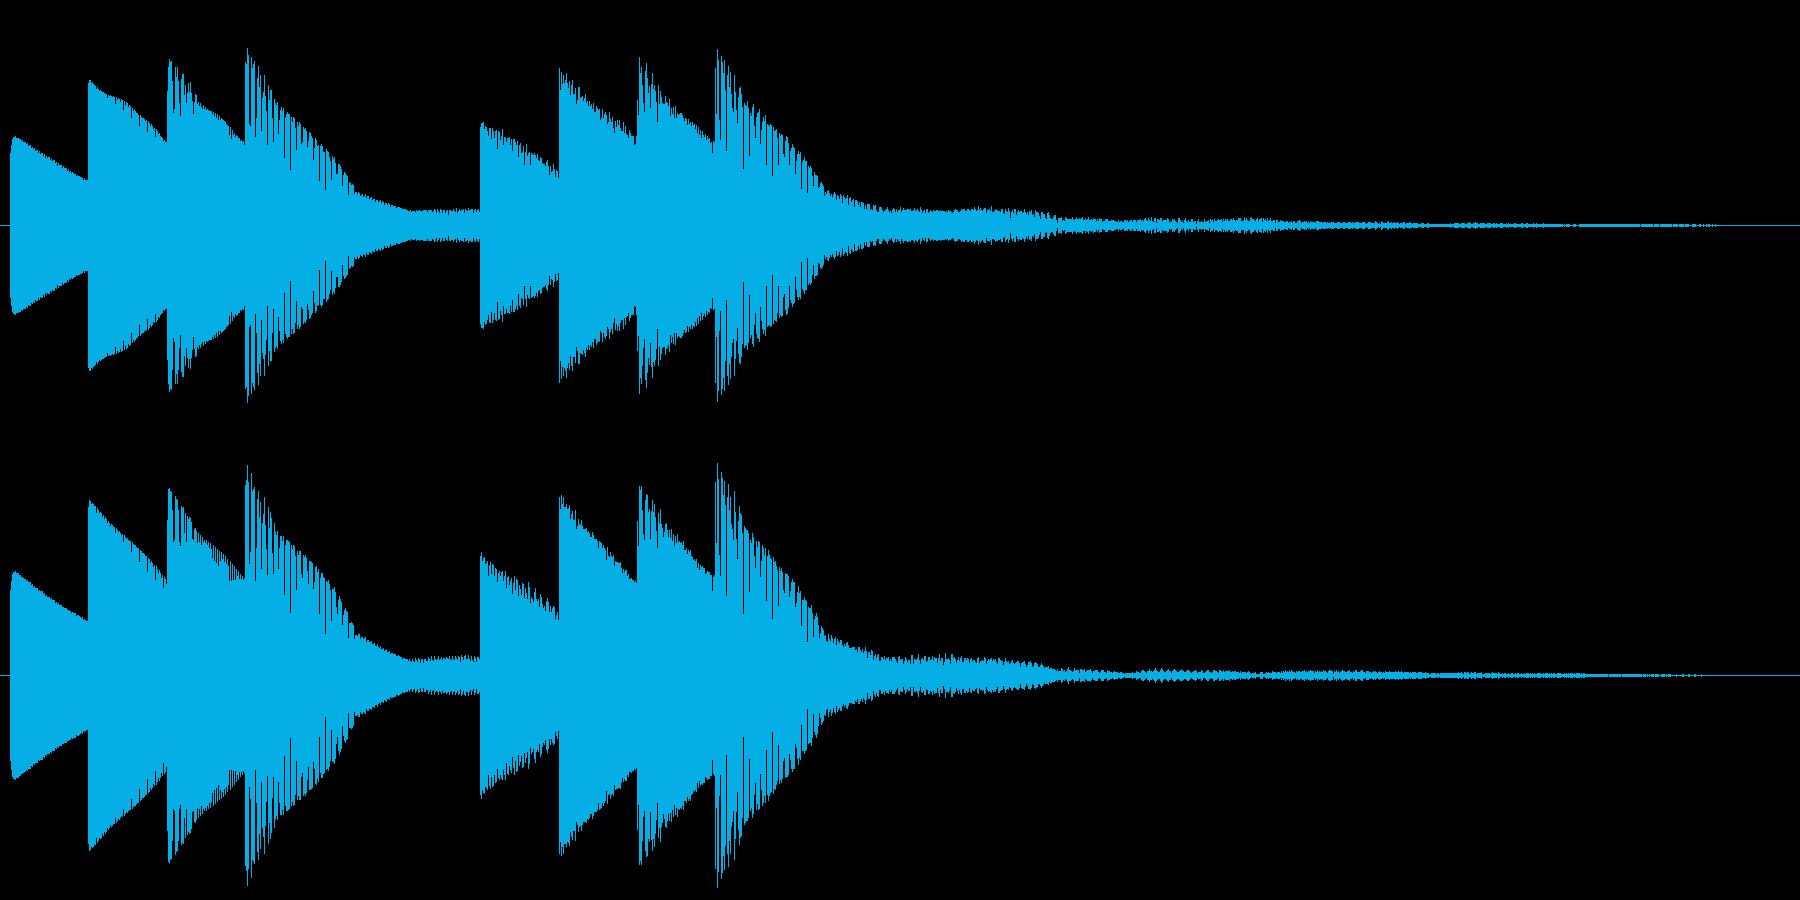 テロリラテロリラ(アラートに最適)の再生済みの波形